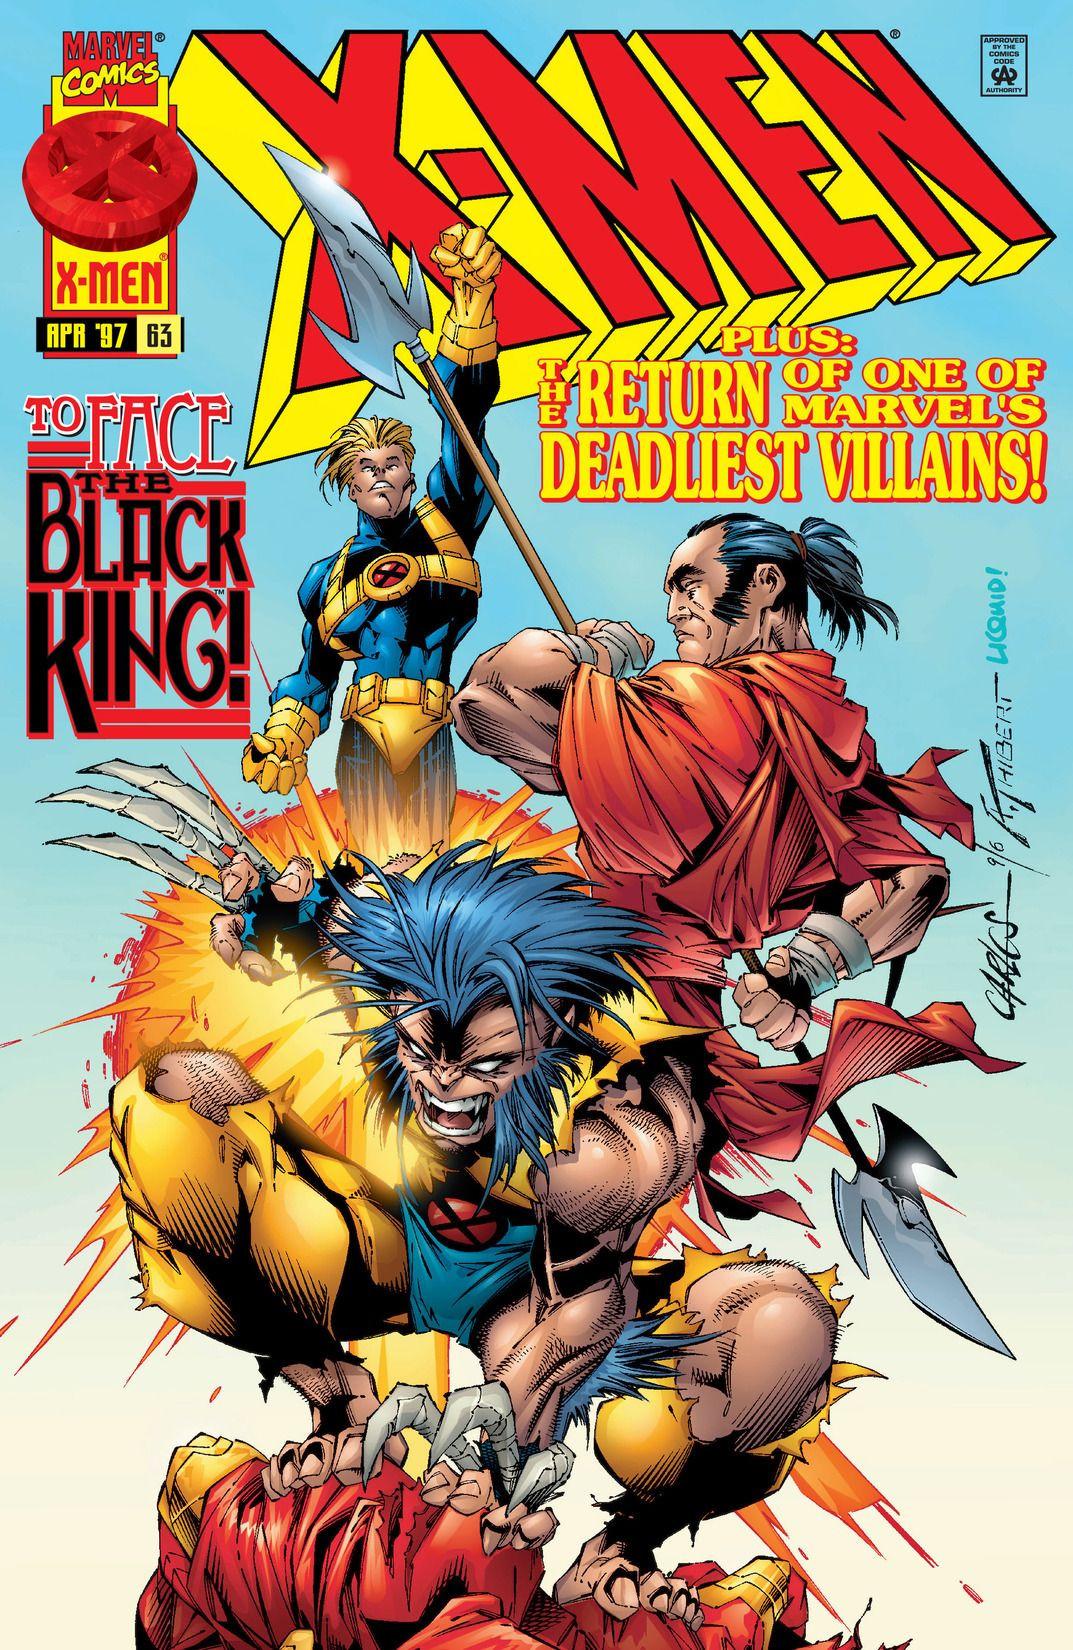 X-Men Vol 2 63